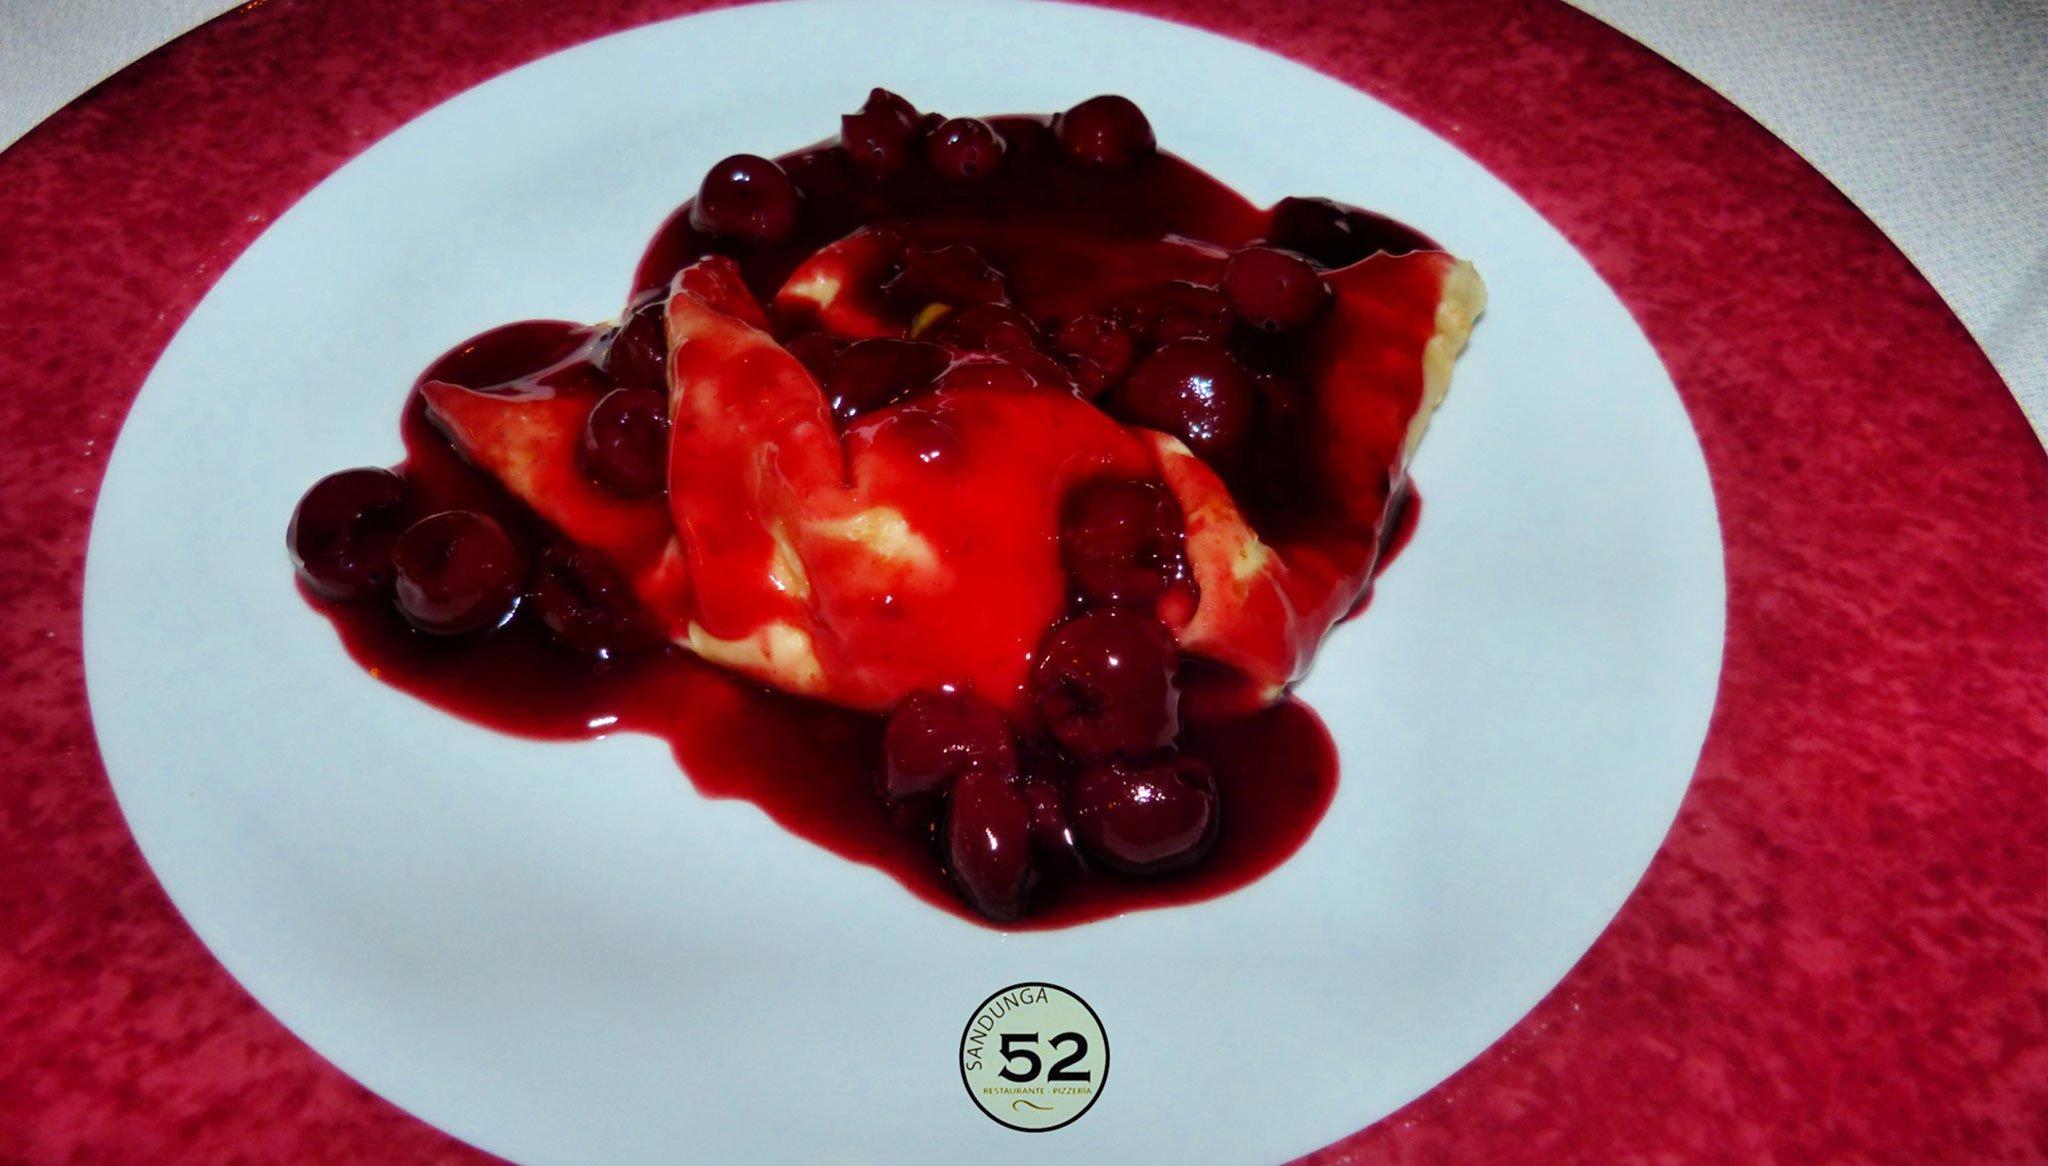 Crepe de cereza – Sandunga 52